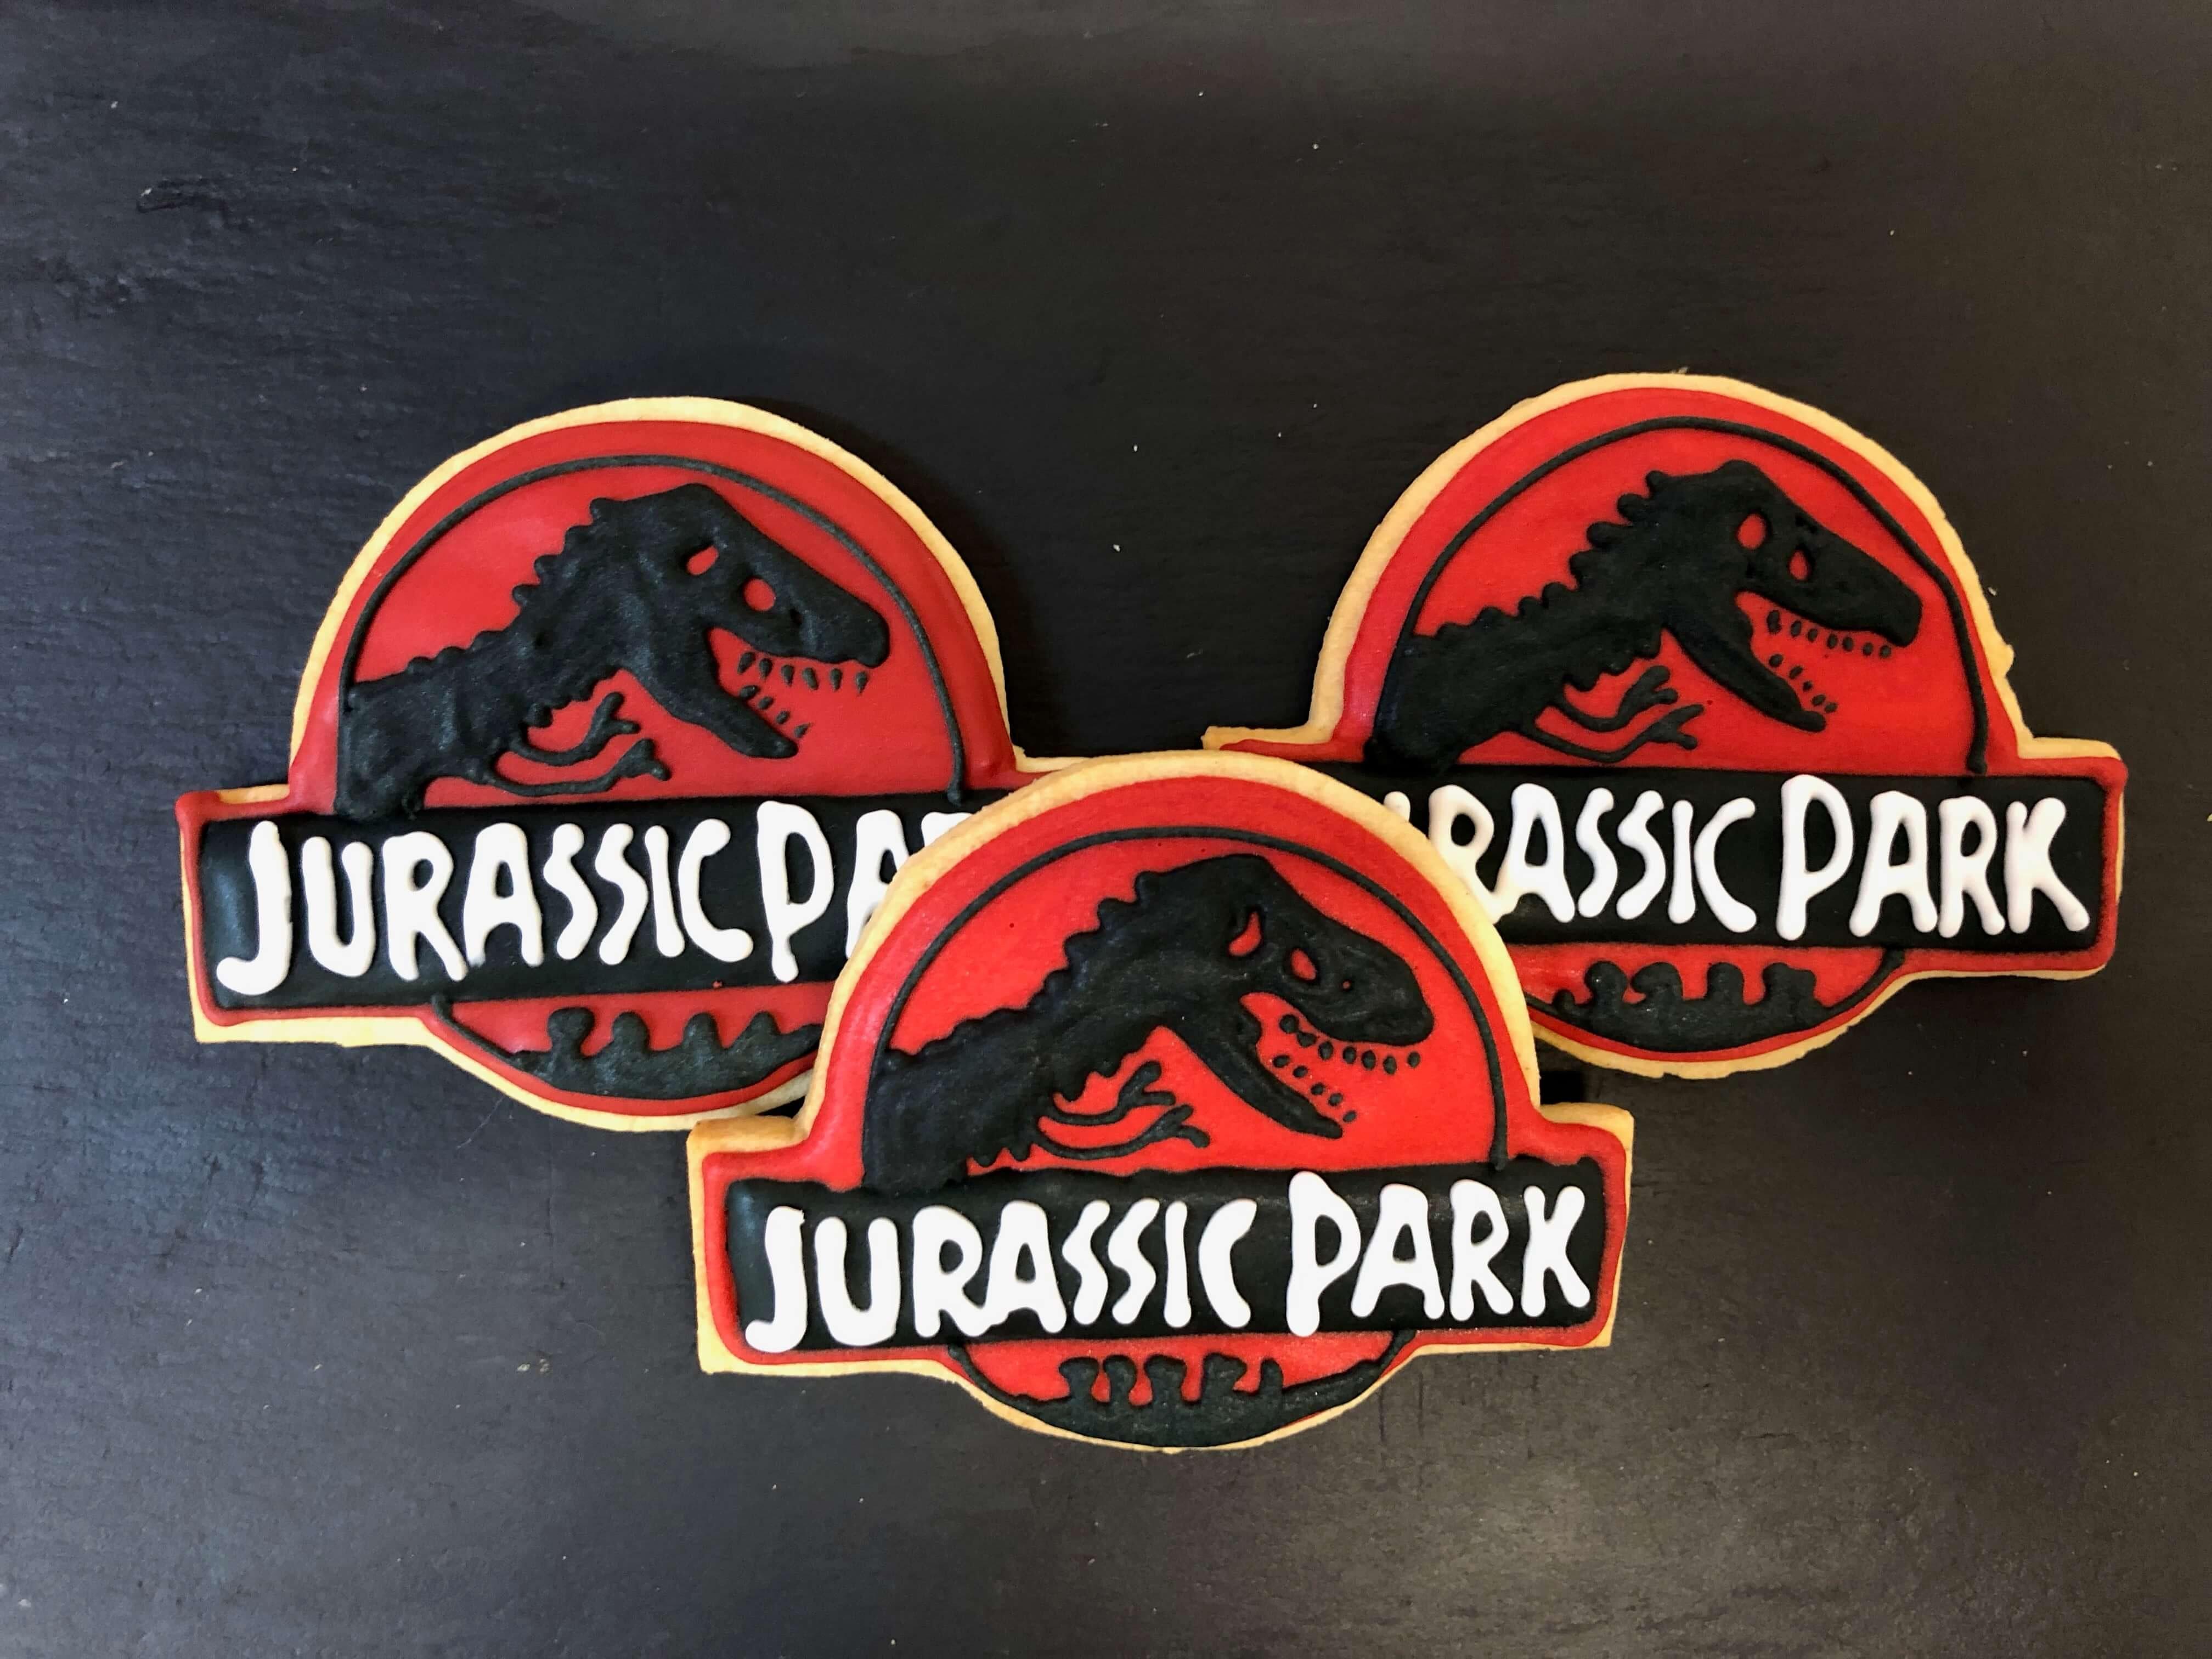 Galletas personalizadas cumpleaños Jurassic Park Coruña